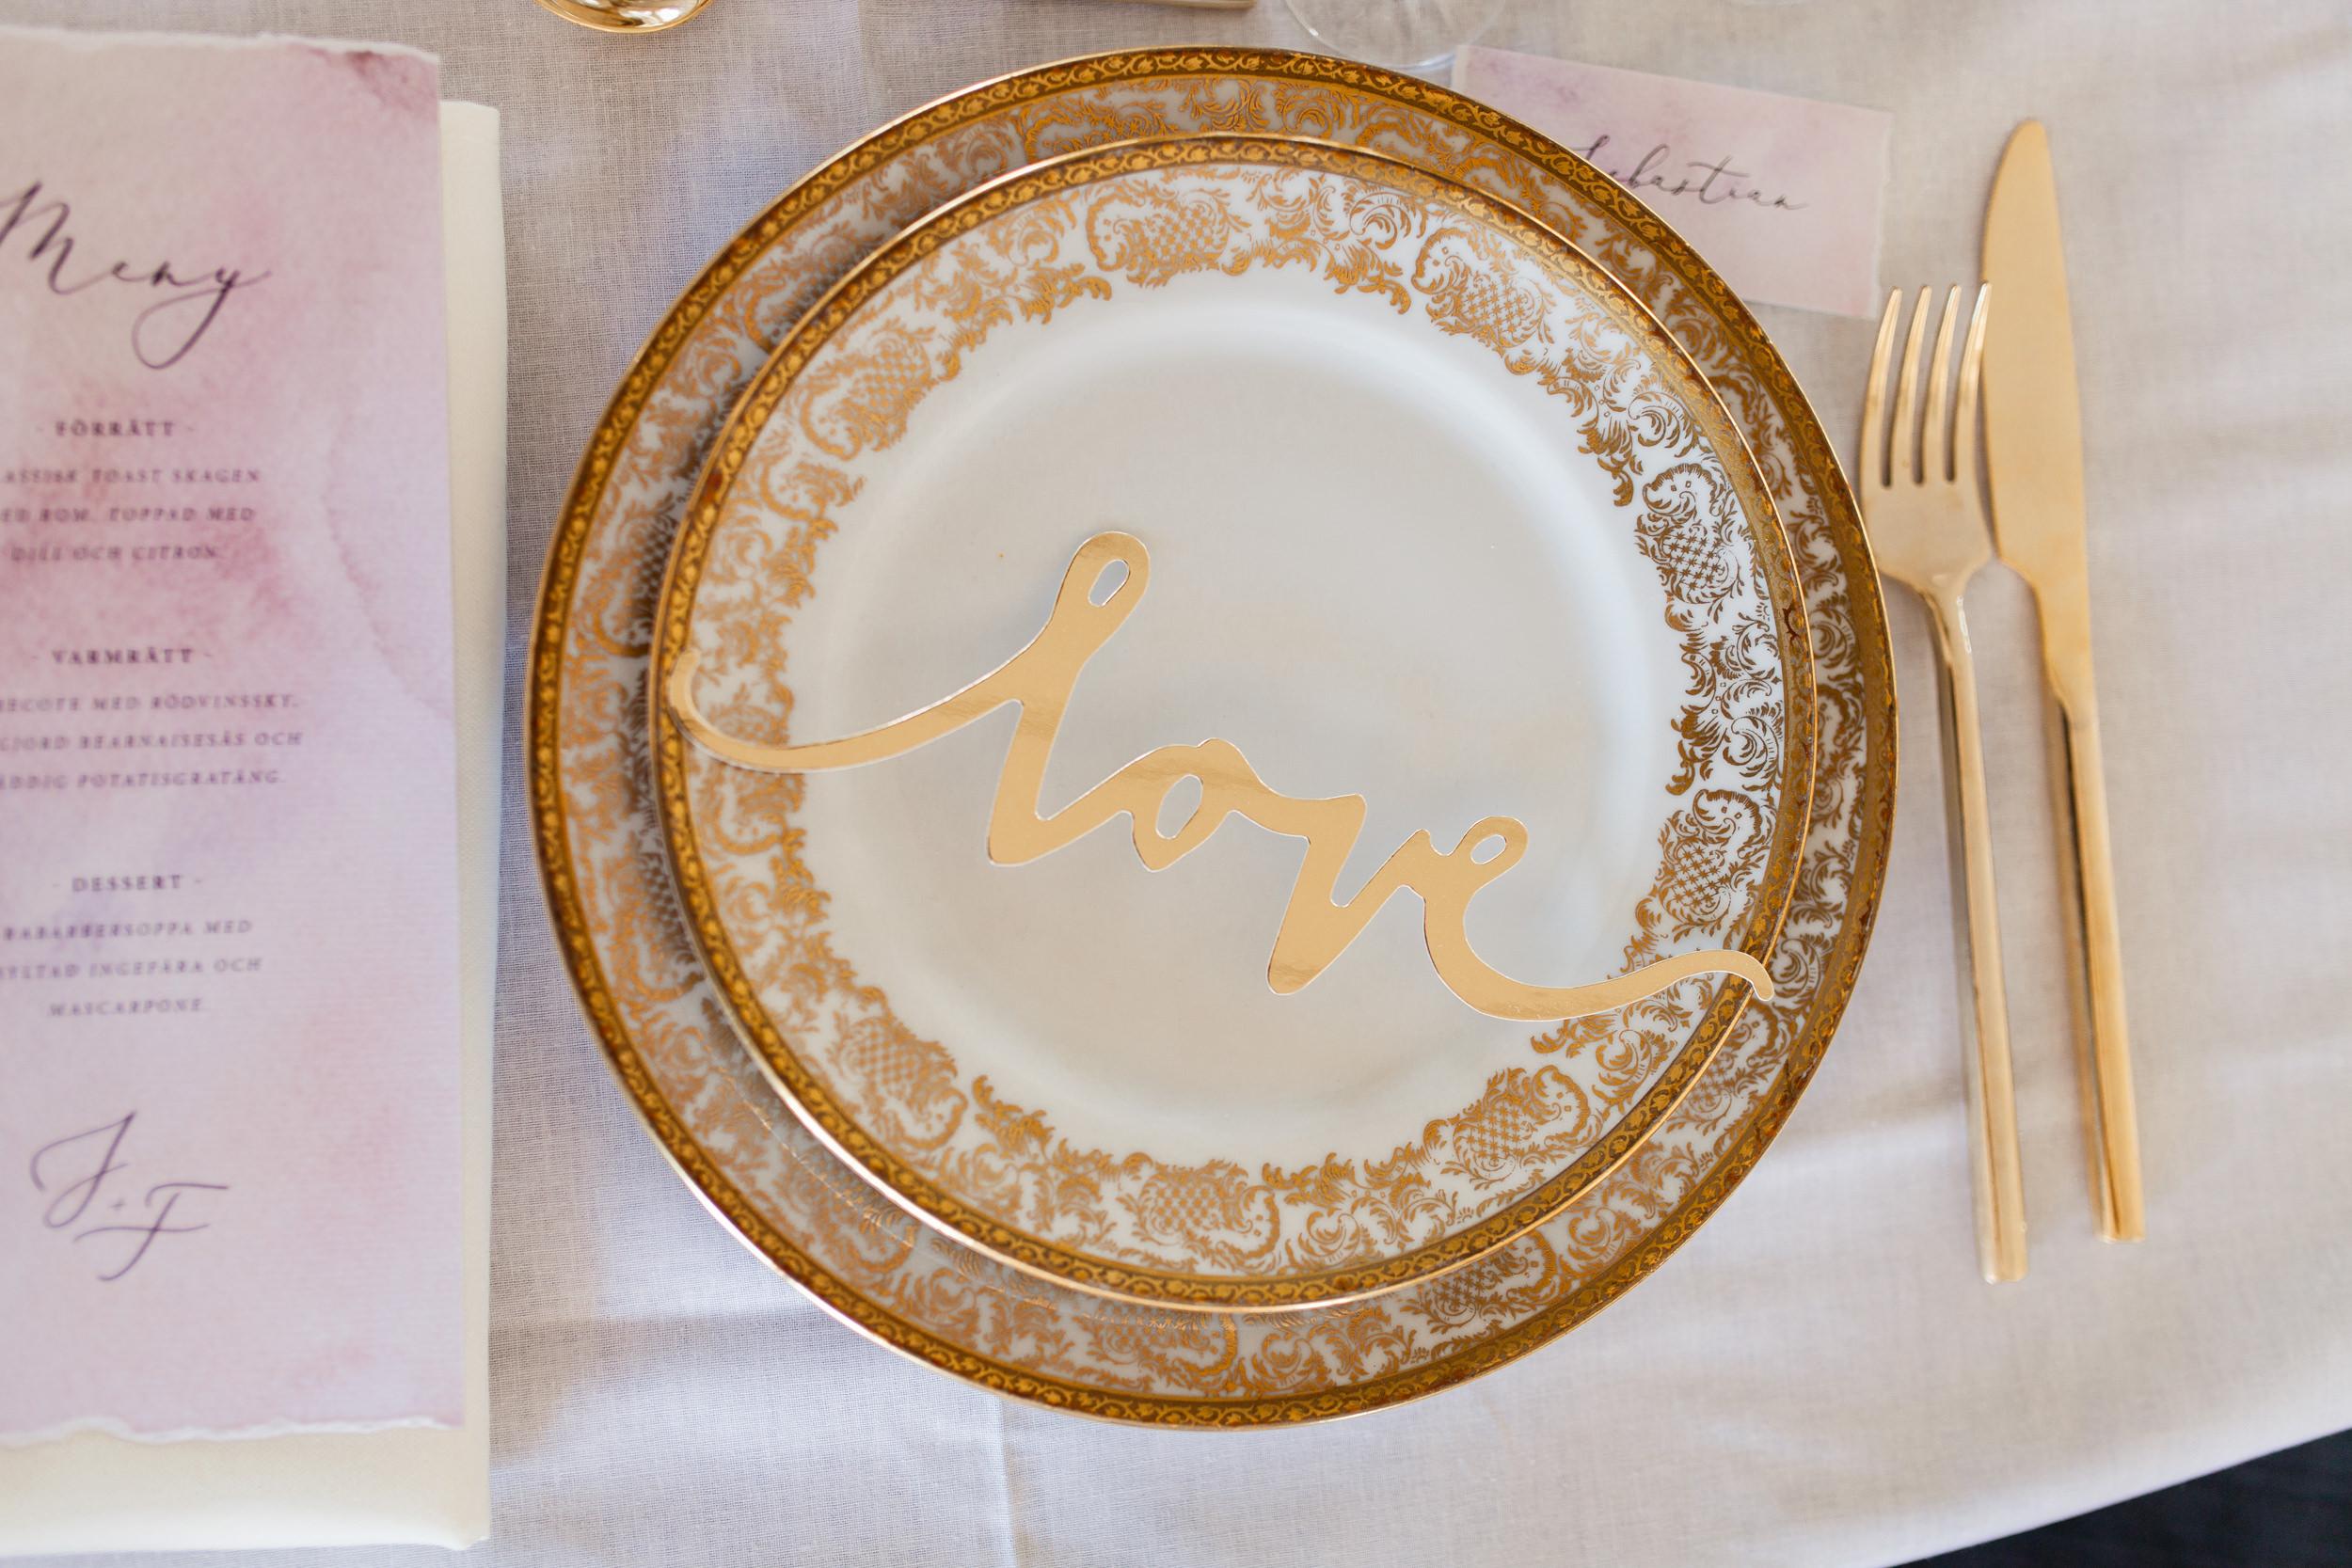 Publicerad i Bröllopsguiden med bröllopskoordinator Wedding by Moalee